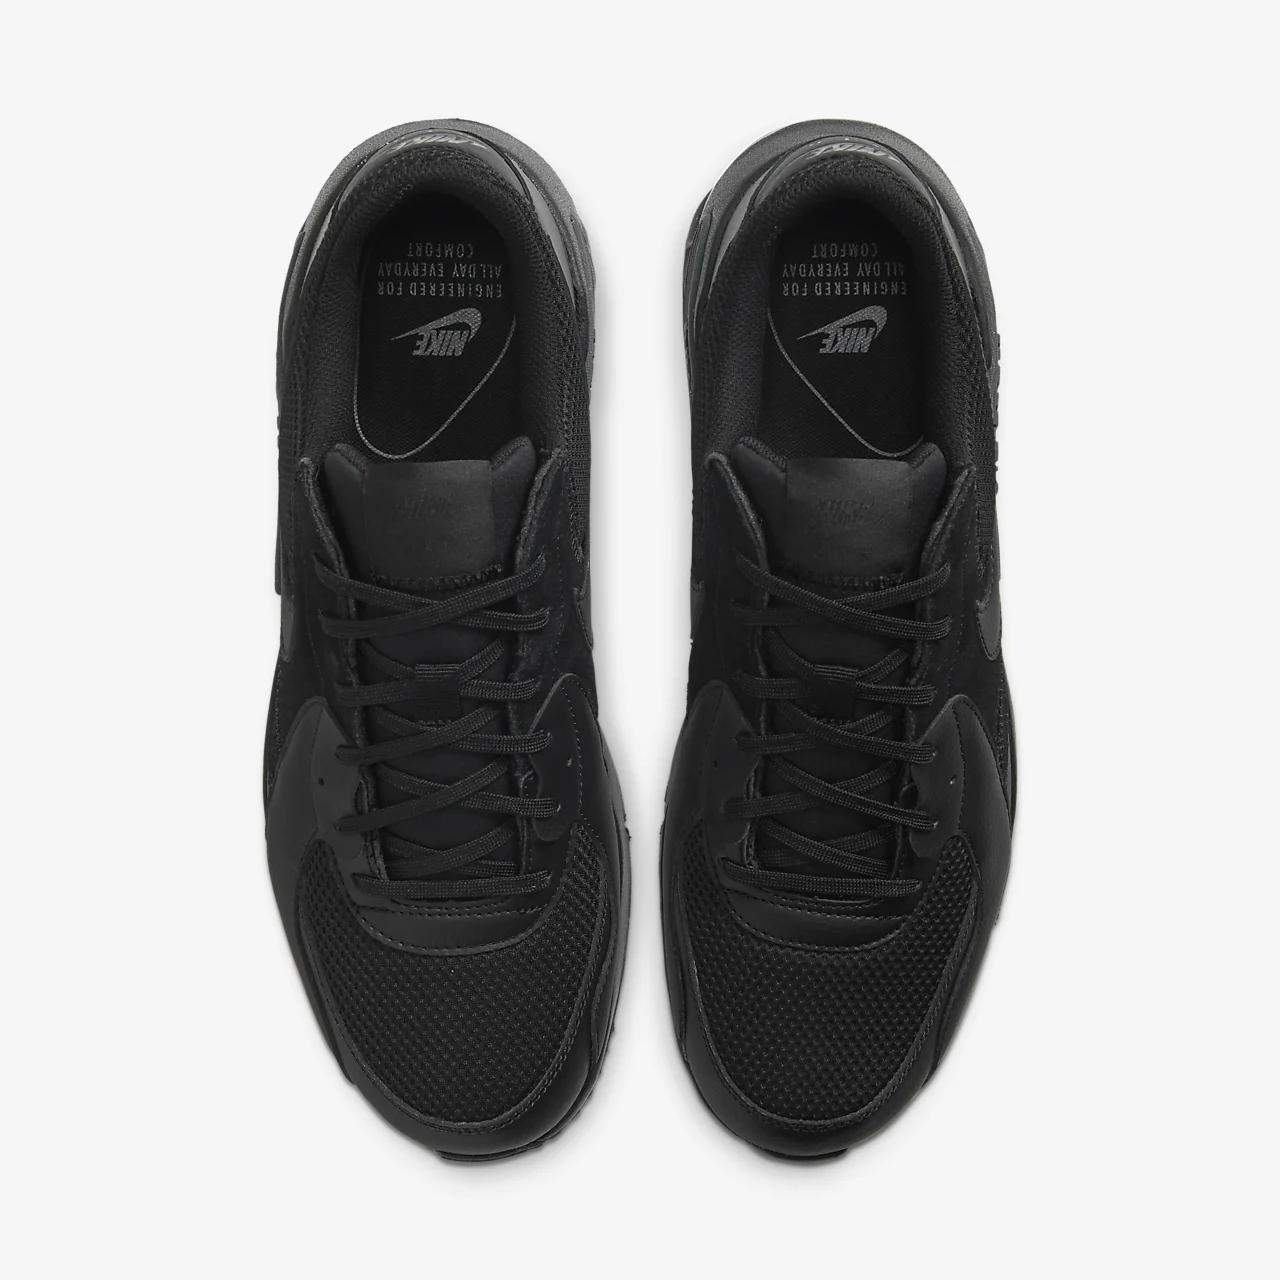 나이키 에어 맥스 엑시 남자 신발 CD4165-003